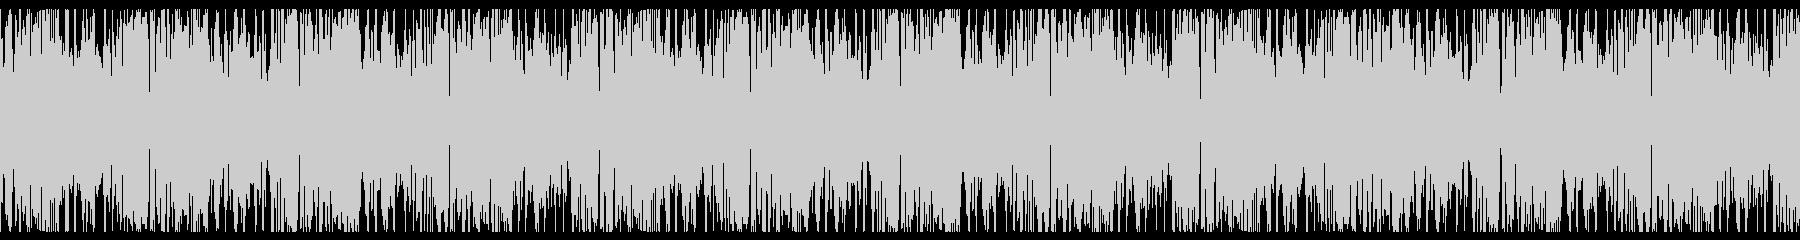 ハードなかっこいいEDM系の未再生の波形